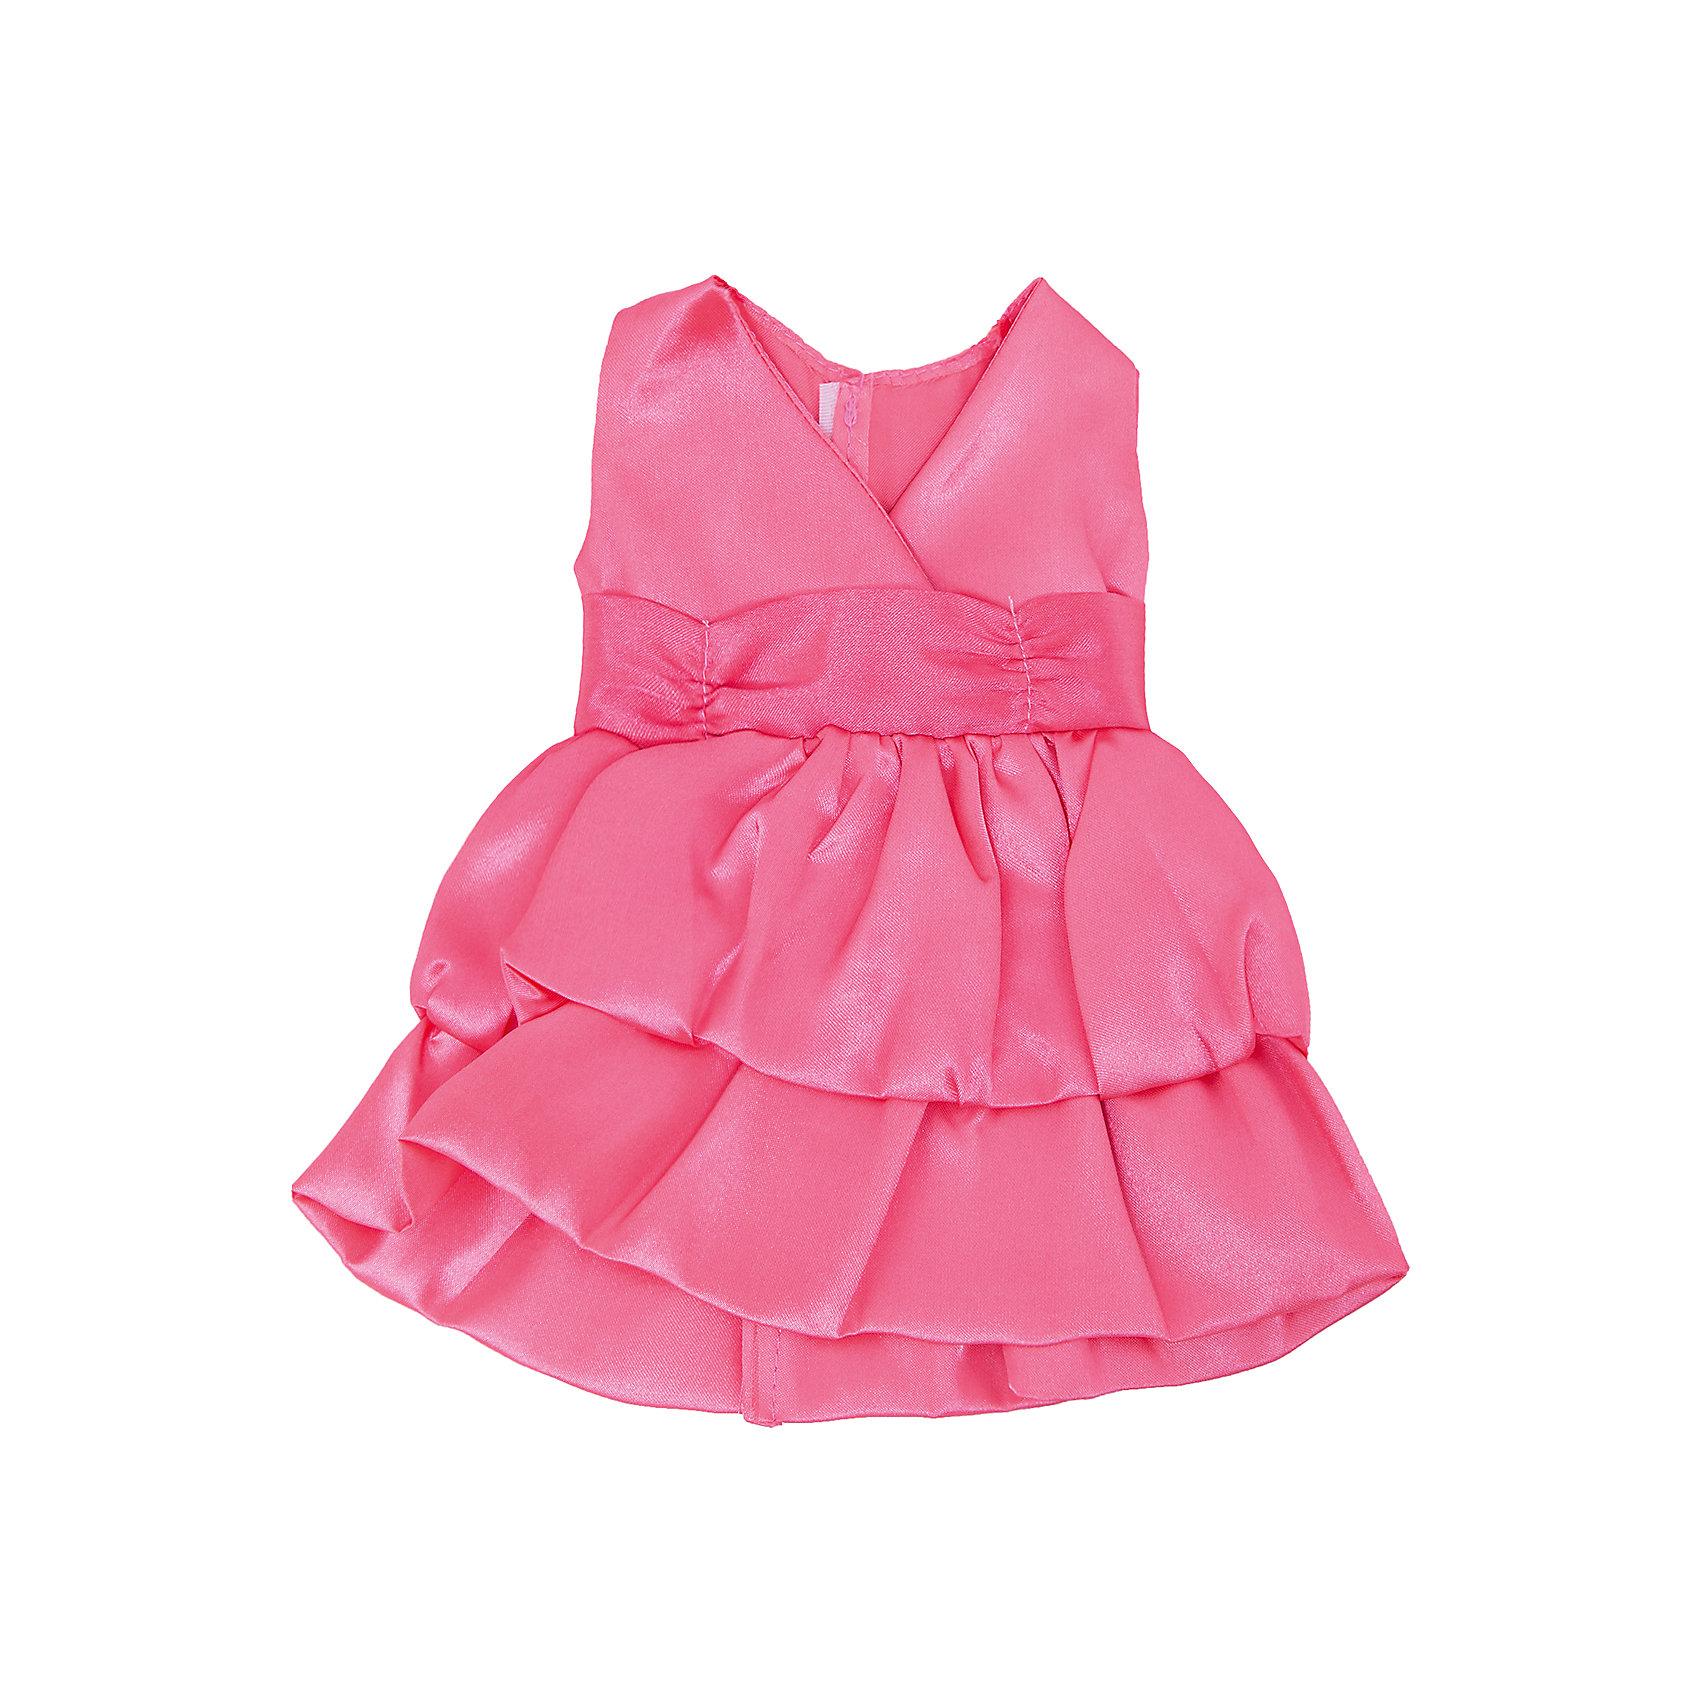 Одежда для кукол: розовое платье, атласное, JUNFAКукольная одежда и аксессуары<br>Одежда для кукол: розовое платье, атласное, JUNFA (Джунфа).<br><br>Характеристика:<br><br>• Материал: текстиль. <br>• Размер: 25,5х26 см.<br>• Идеально подходит для кукол Baby Love высотой 30 см. <br>• Комплектация: платье, вешалка. <br><br>Нежное атласное платье для самой лучшей куклы на свете! Розовое платье с пышной юбкой и небольшим бантом выполнено из высококачественных материалов, подходит для кукол высотой 30 см. <br><br>Одежду для кукол: розовое платье, атласное, JUNFA (Джунфа), можно купить в нашем интернет-магазине.<br><br>Ширина мм: 255<br>Глубина мм: 360<br>Высота мм: 10<br>Вес г: 73<br>Возраст от месяцев: 36<br>Возраст до месяцев: 1188<br>Пол: Женский<br>Возраст: Детский<br>SKU: 5173037